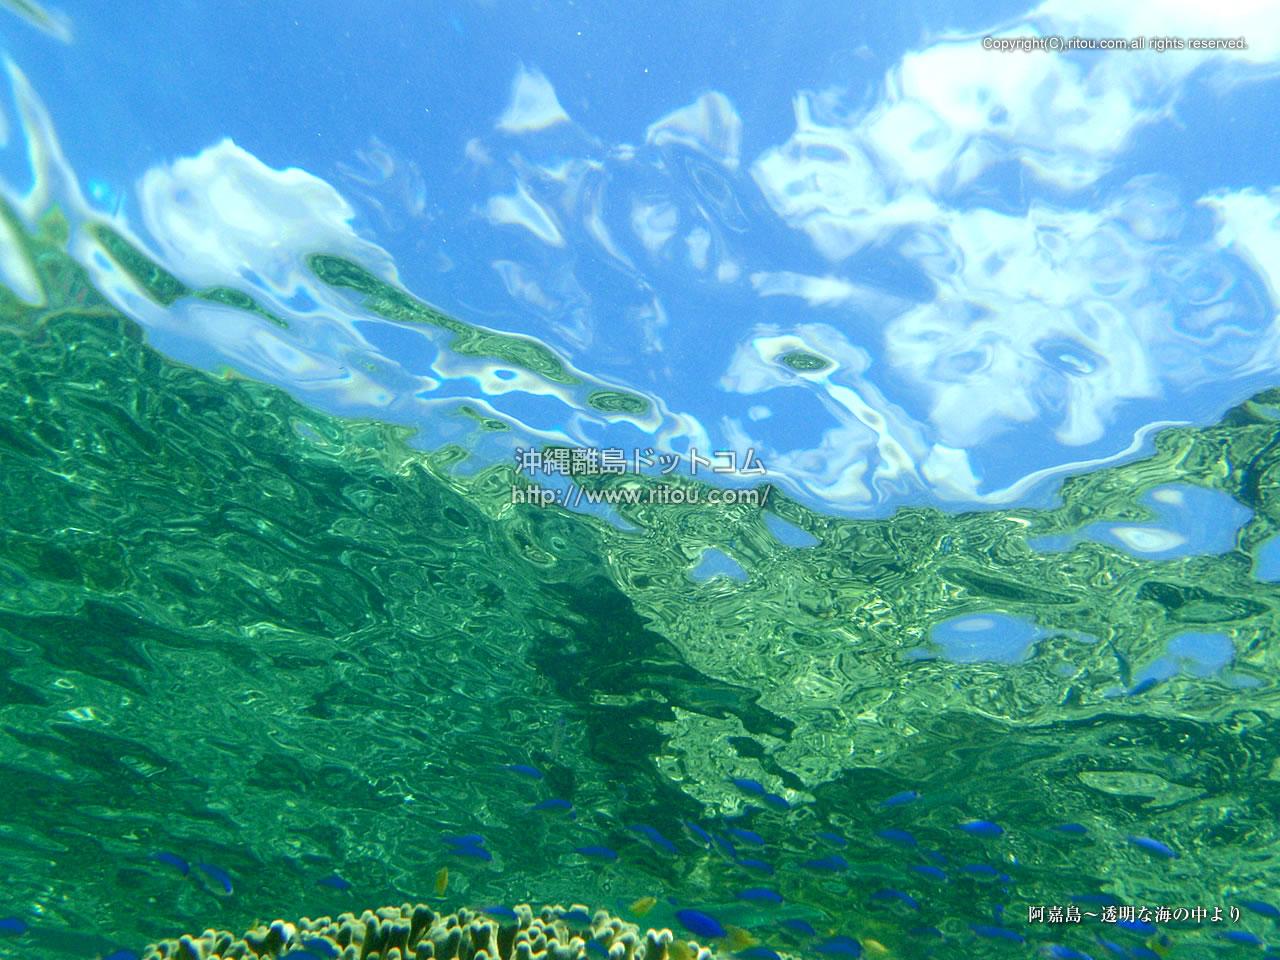 阿嘉島〜透明な海の中より